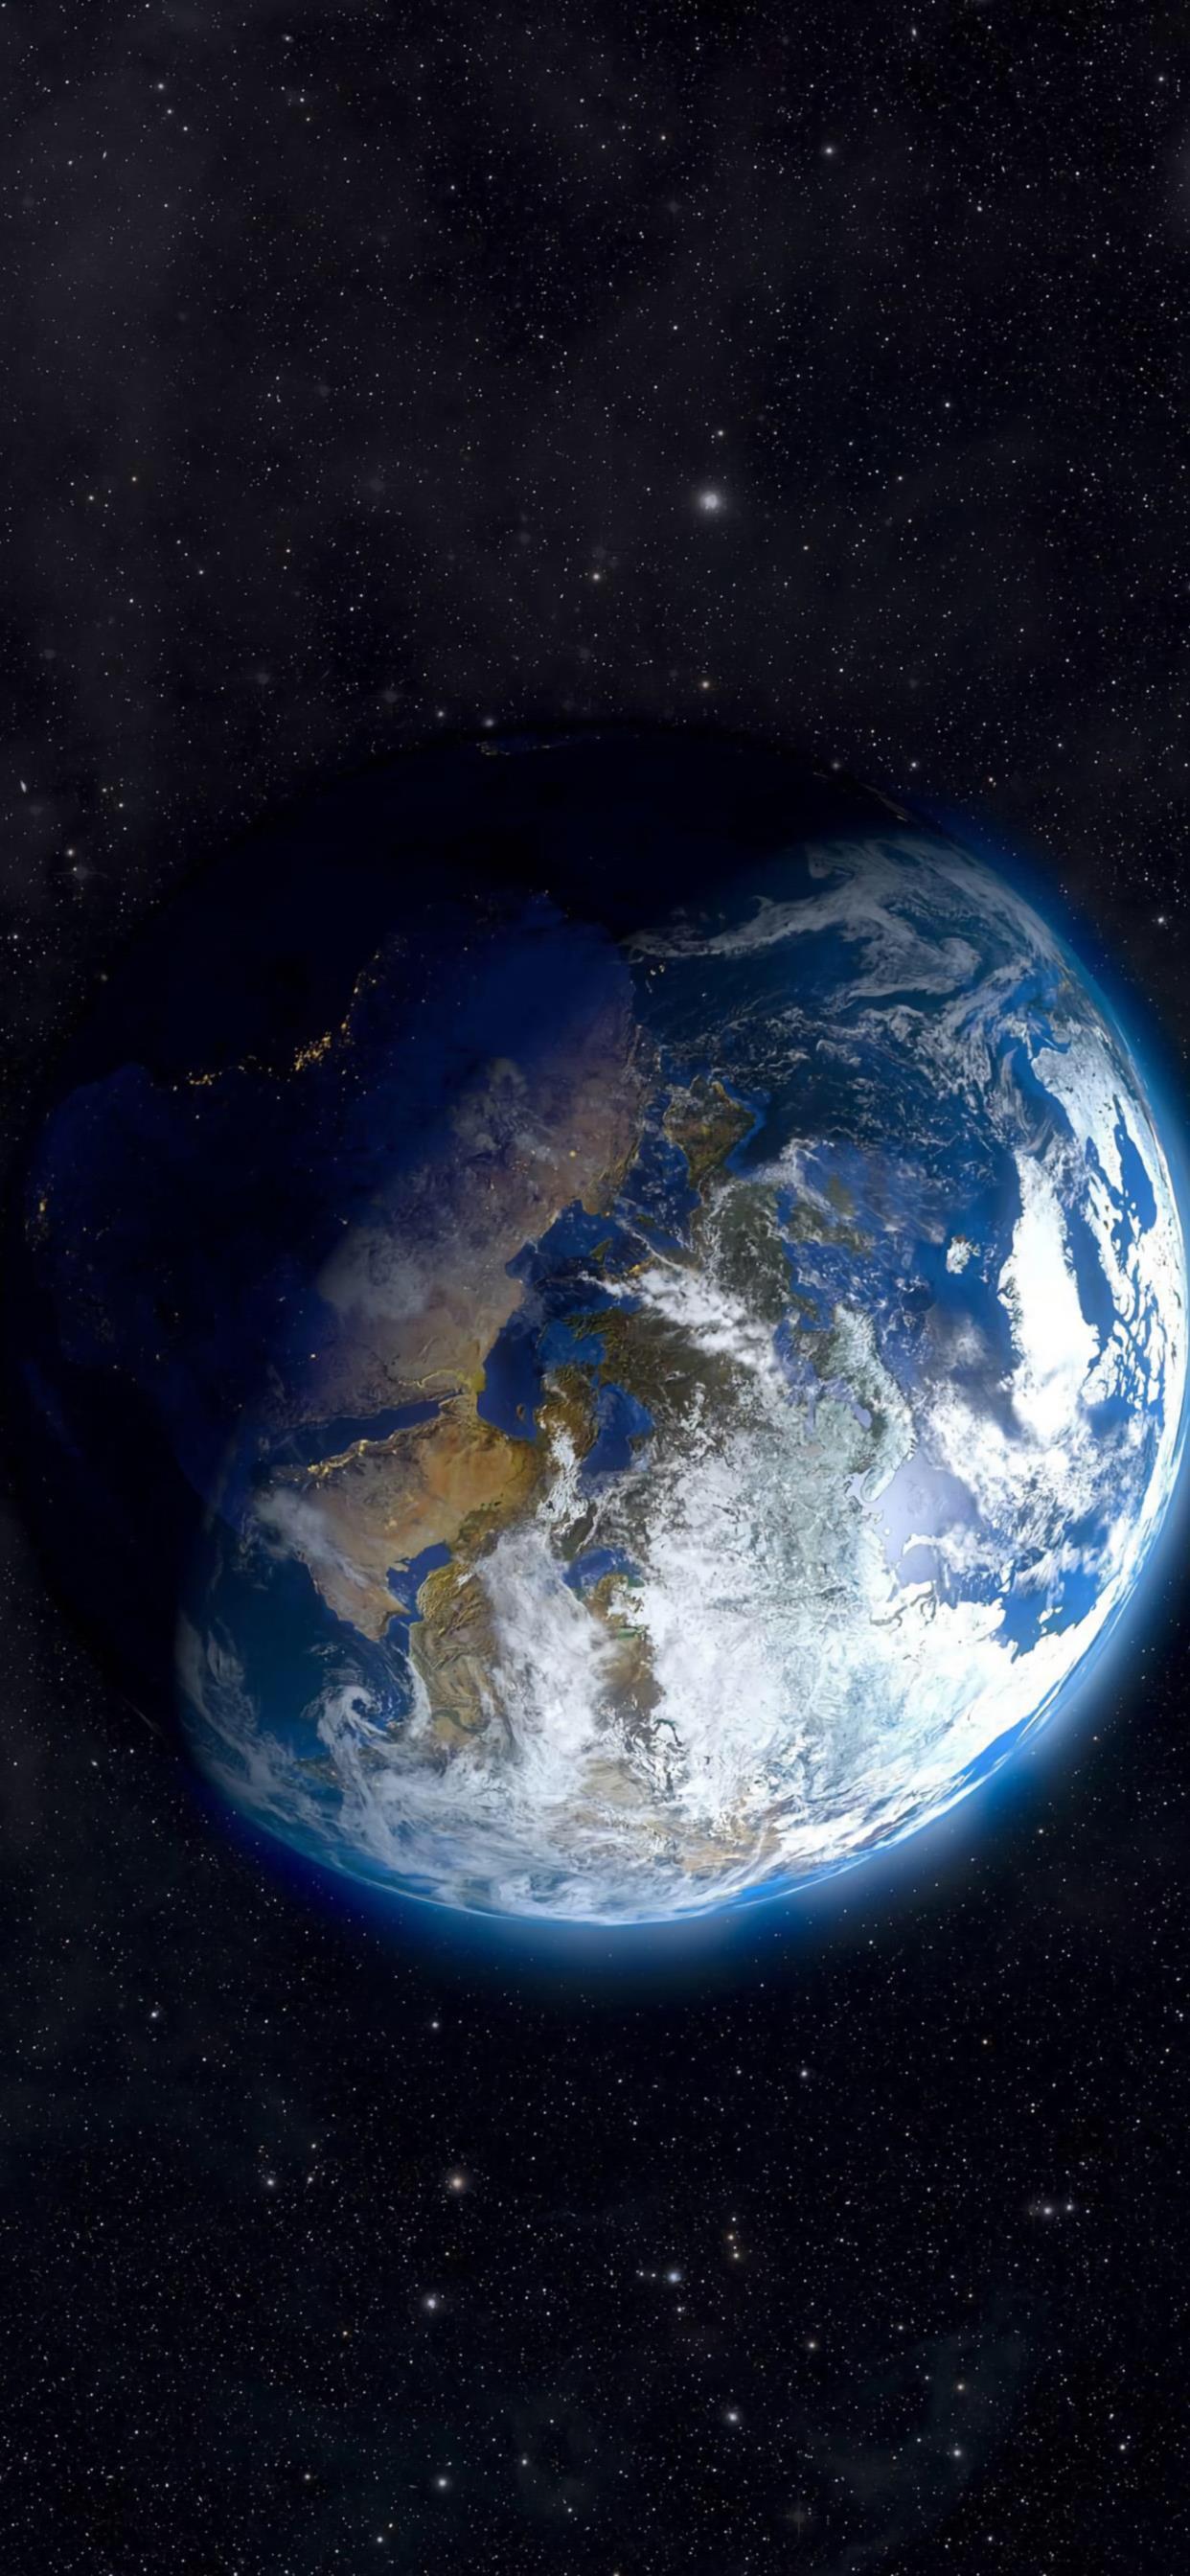 地球的形状微距摄影oppo手机壁纸大全